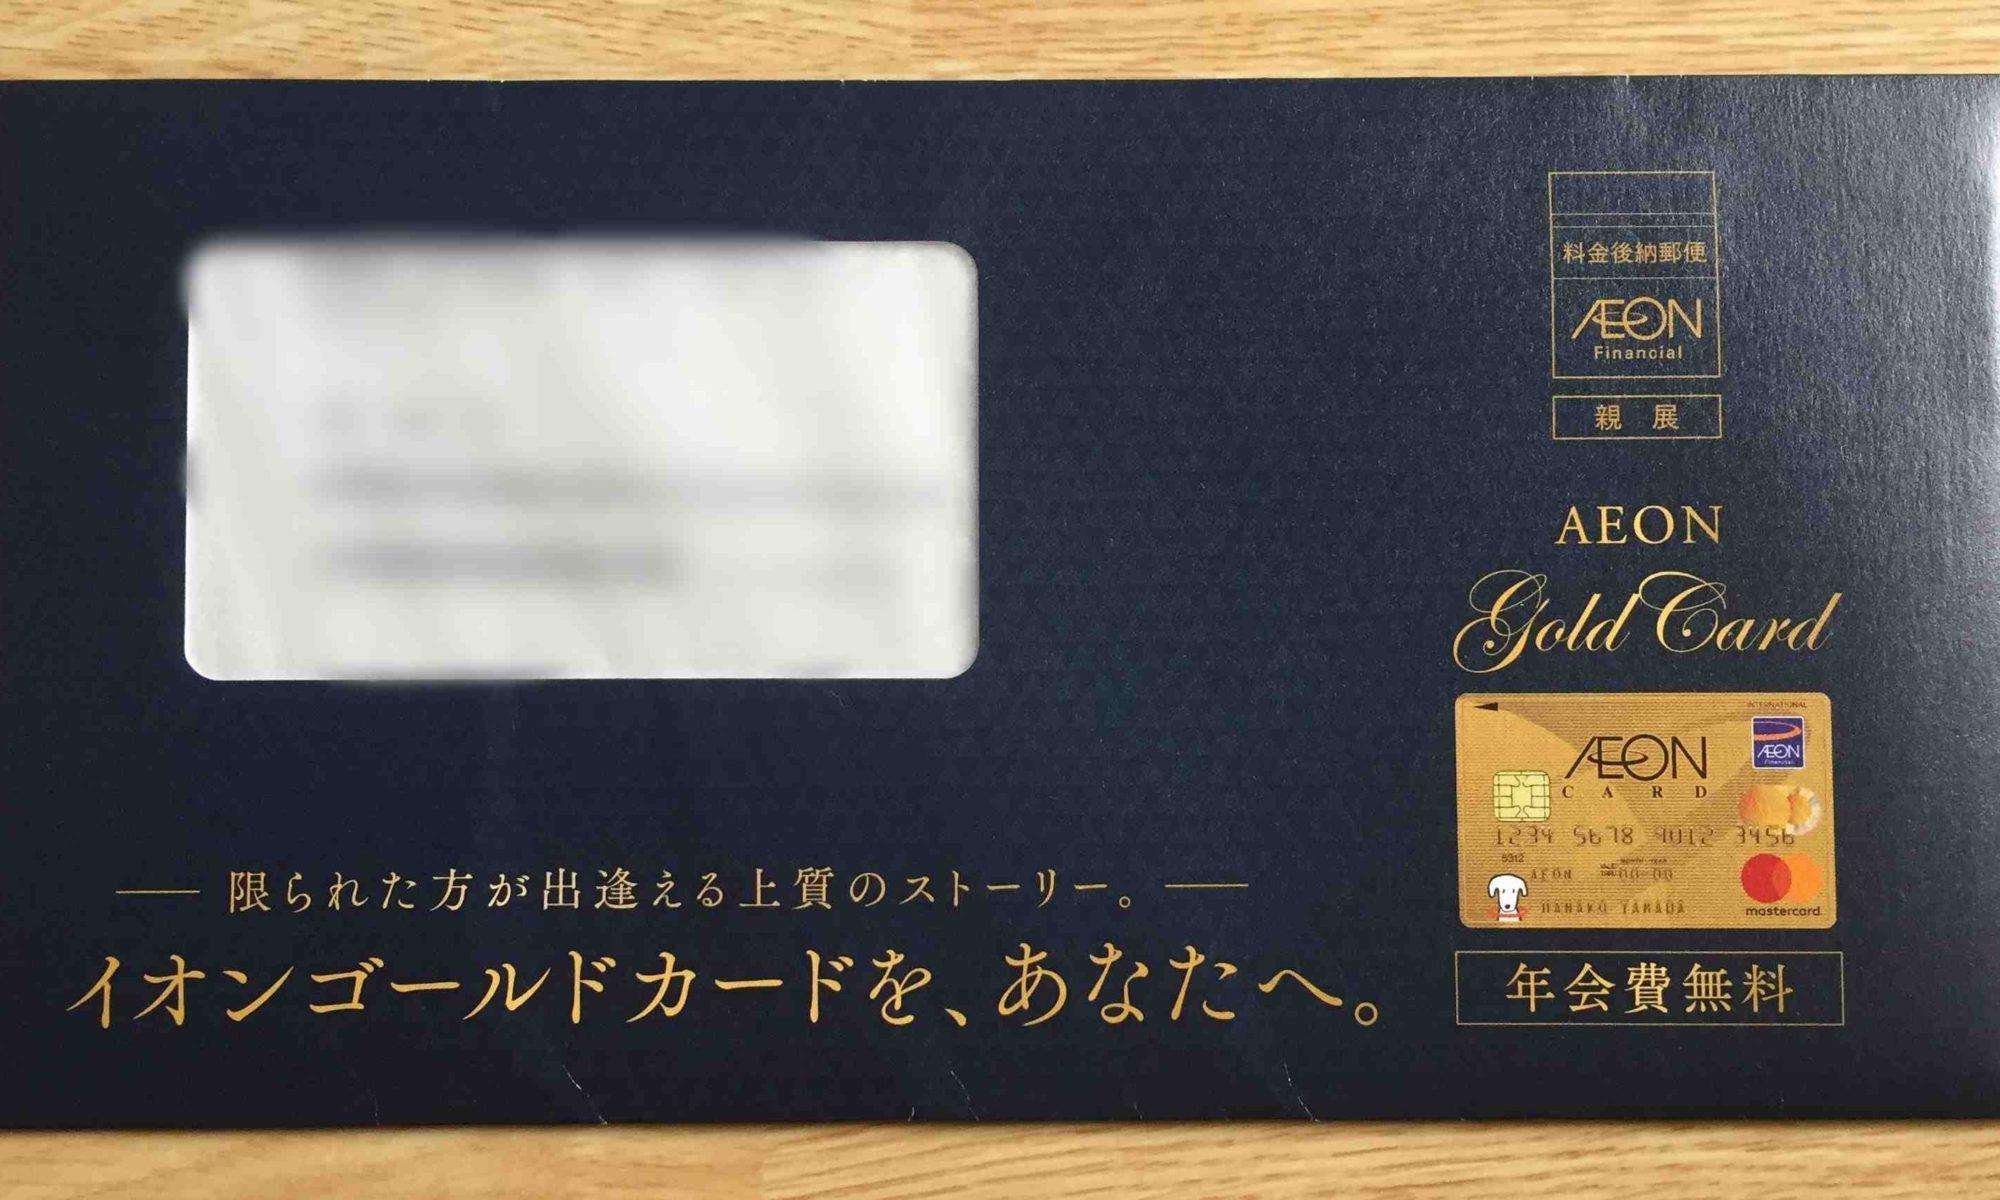 ゴールド 条件 イオン カード